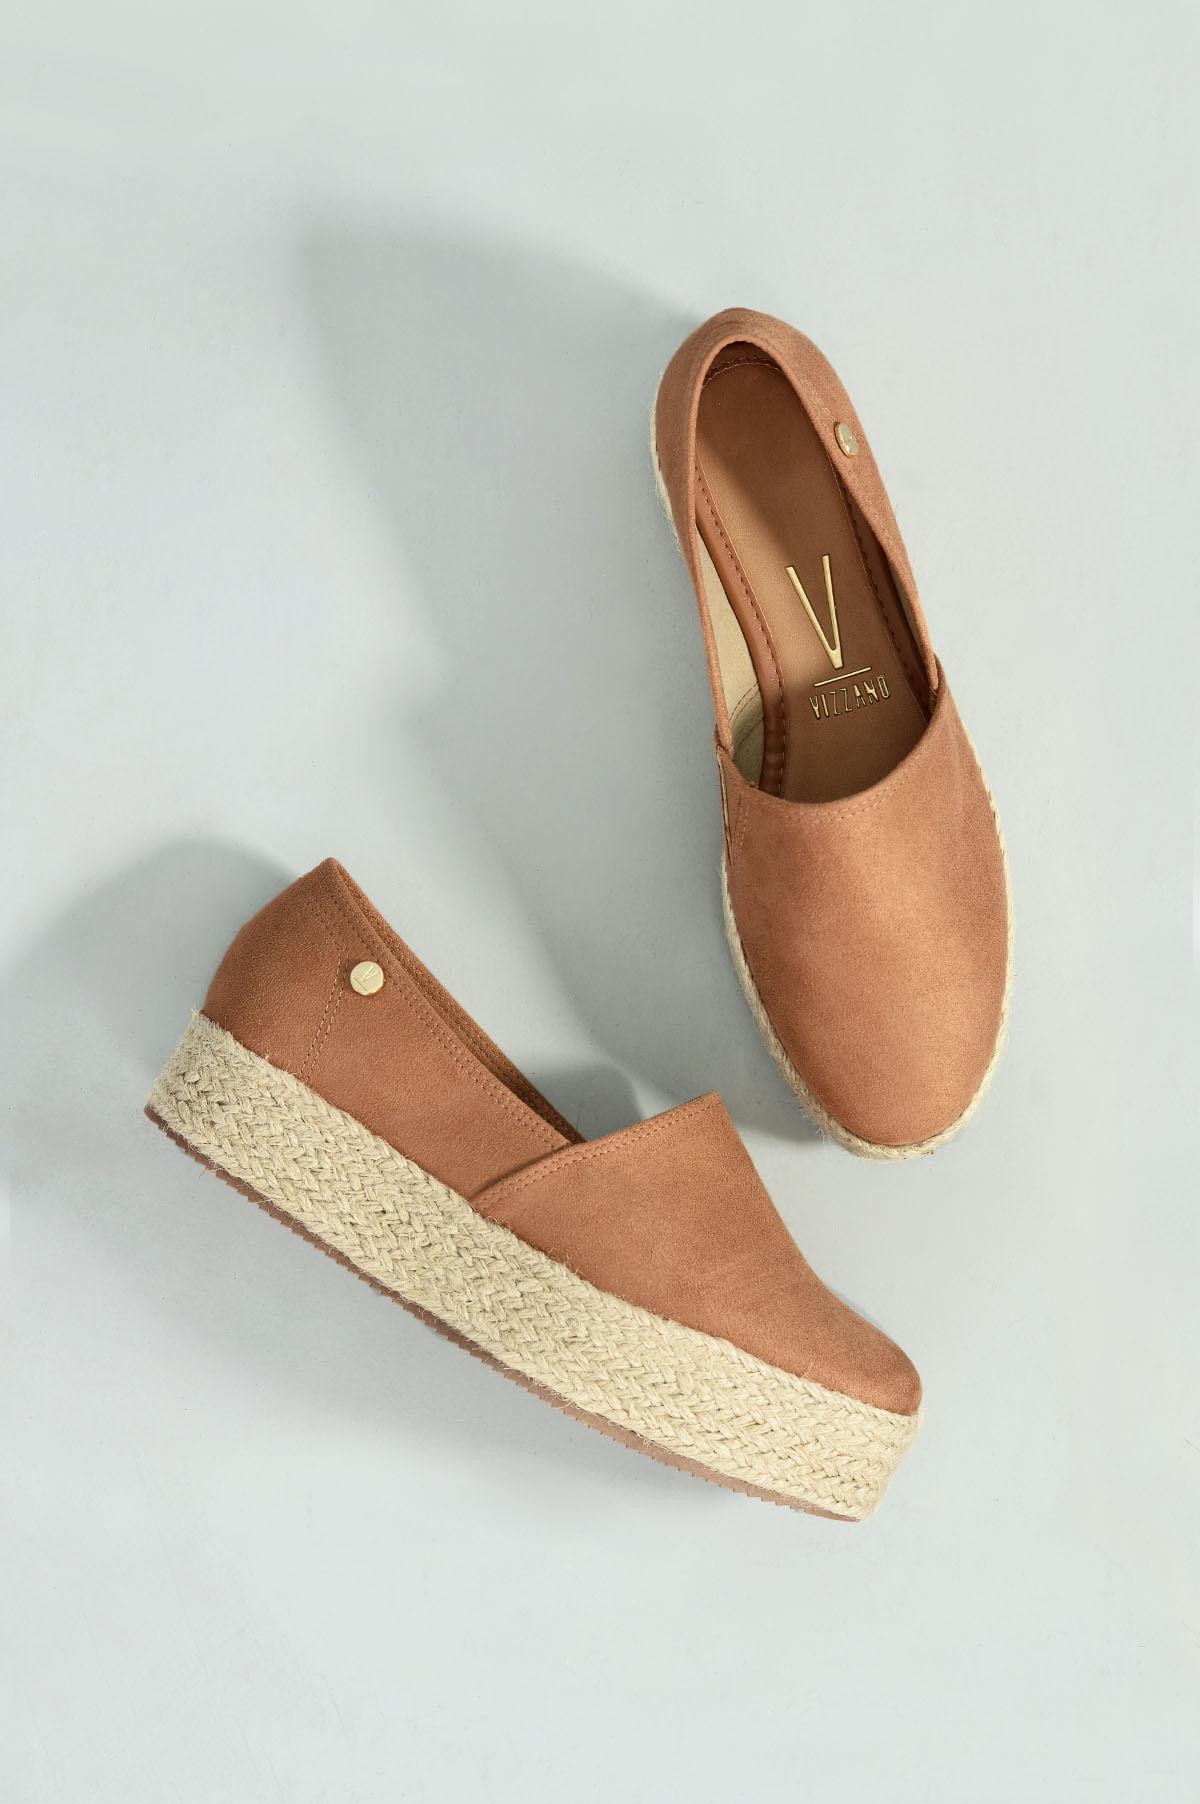 687c4d0cab Sapato Feminino Espadrille Rudye Vizzano CAM - WHISKY - Mundial Calçados